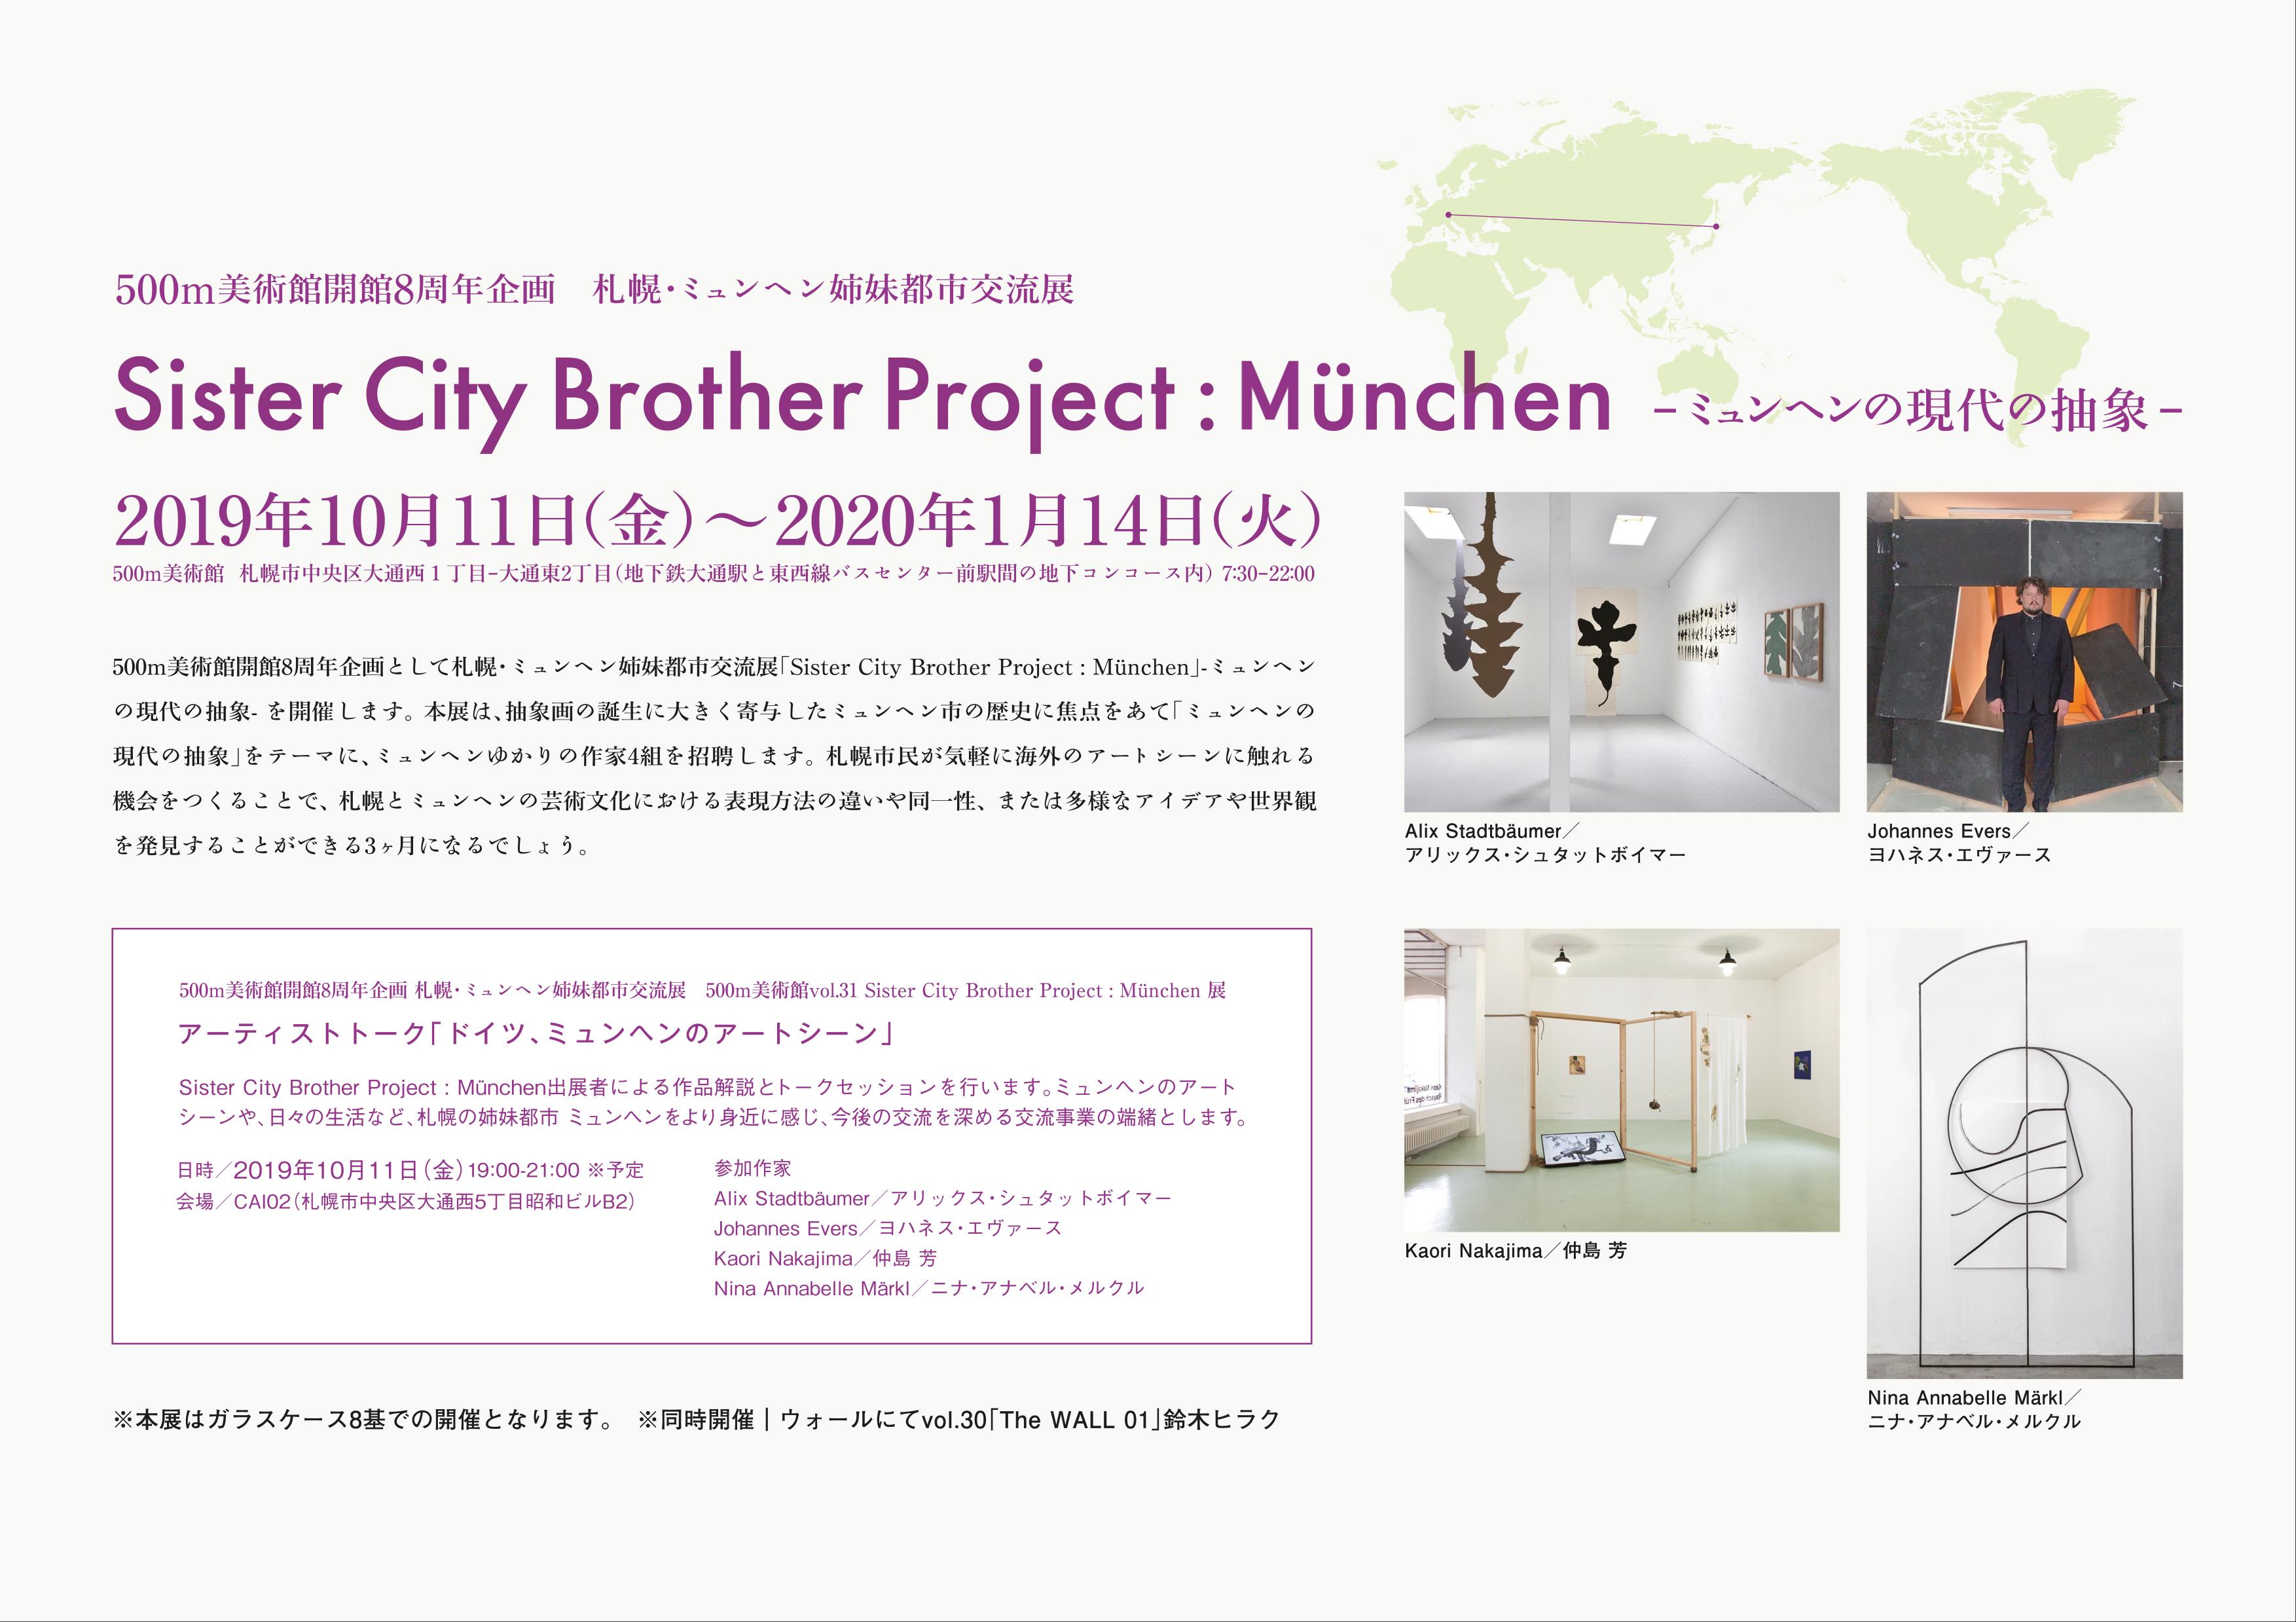 kaori-nakajima__sister-city-brother-project-munchen-ミュンヘンの現代の抽象_02